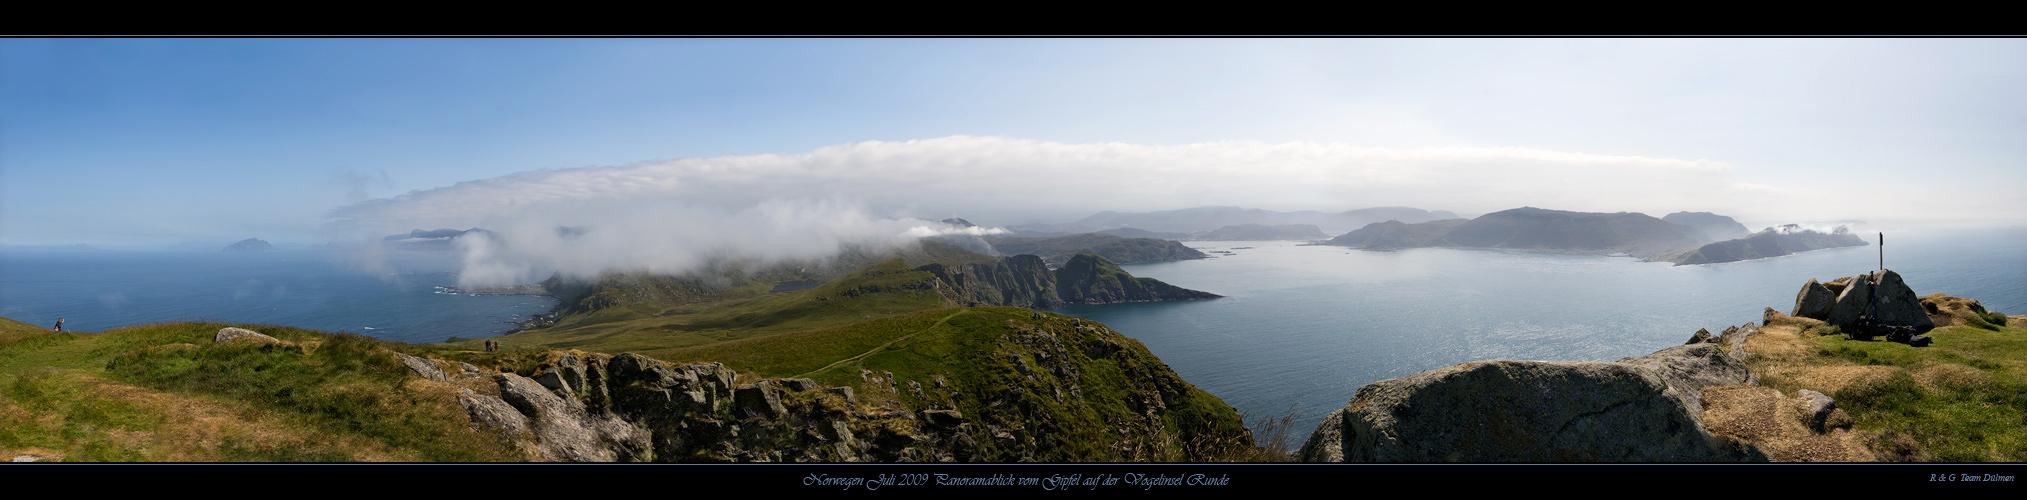 Panoramablick vom Gipfel auf der Vogelinsel Runde